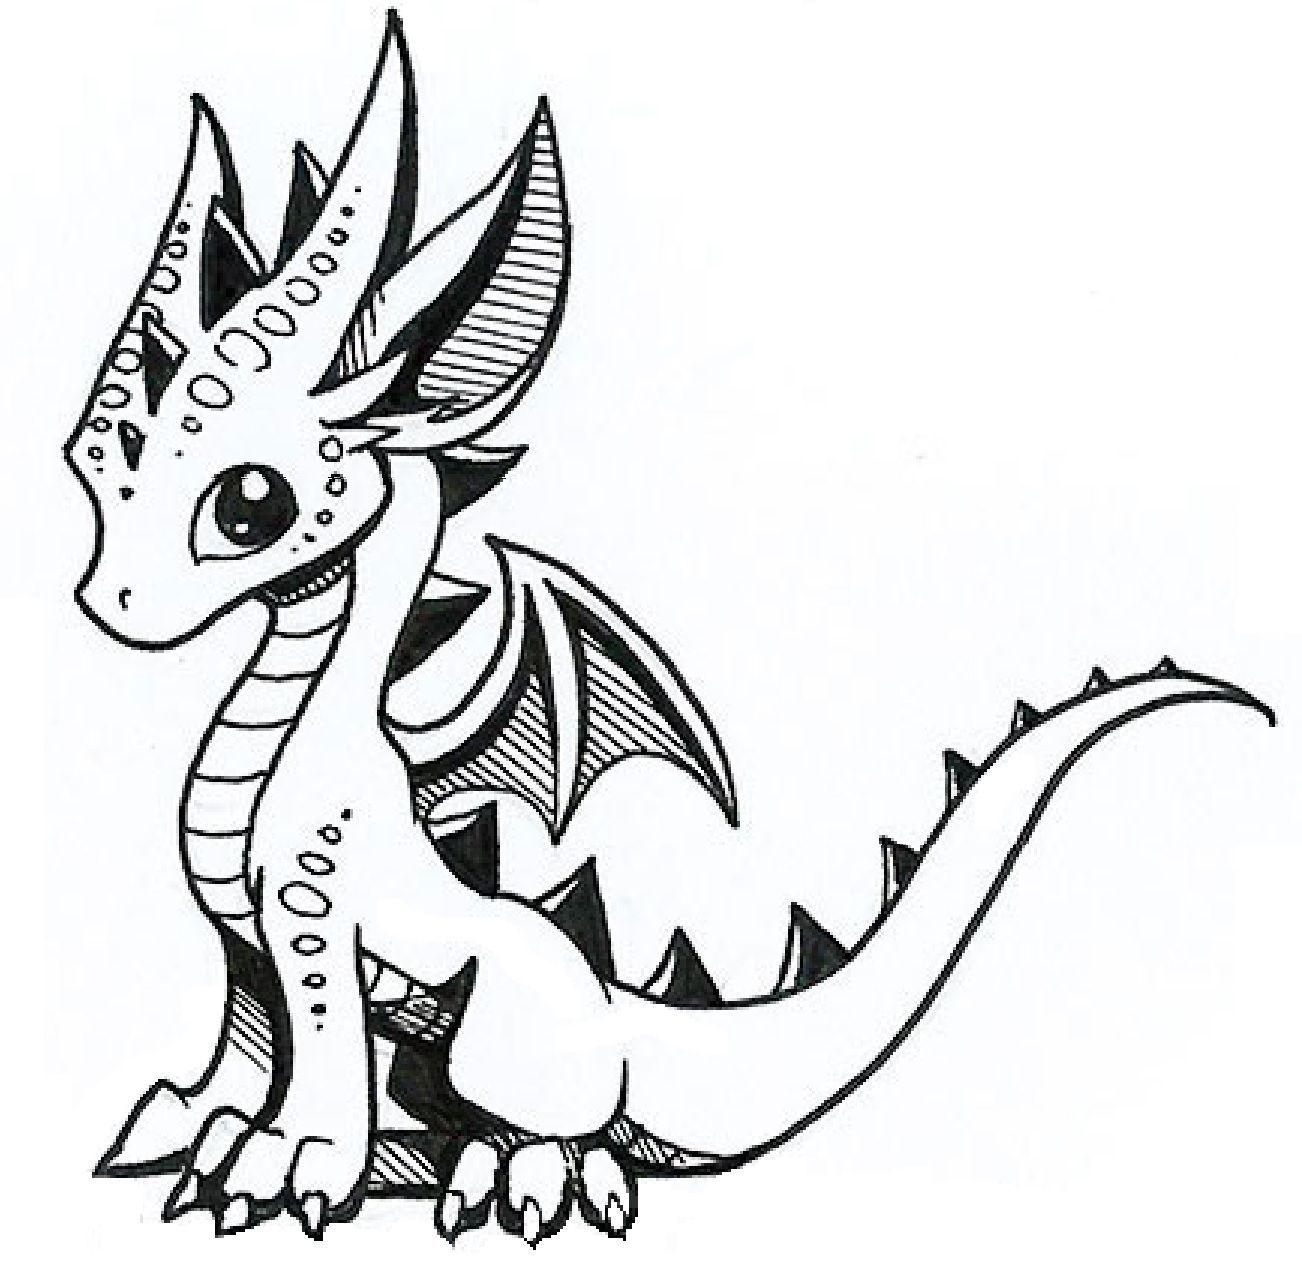 Pin von Jan Roth auf Cute drawings  Drachen zeichnen